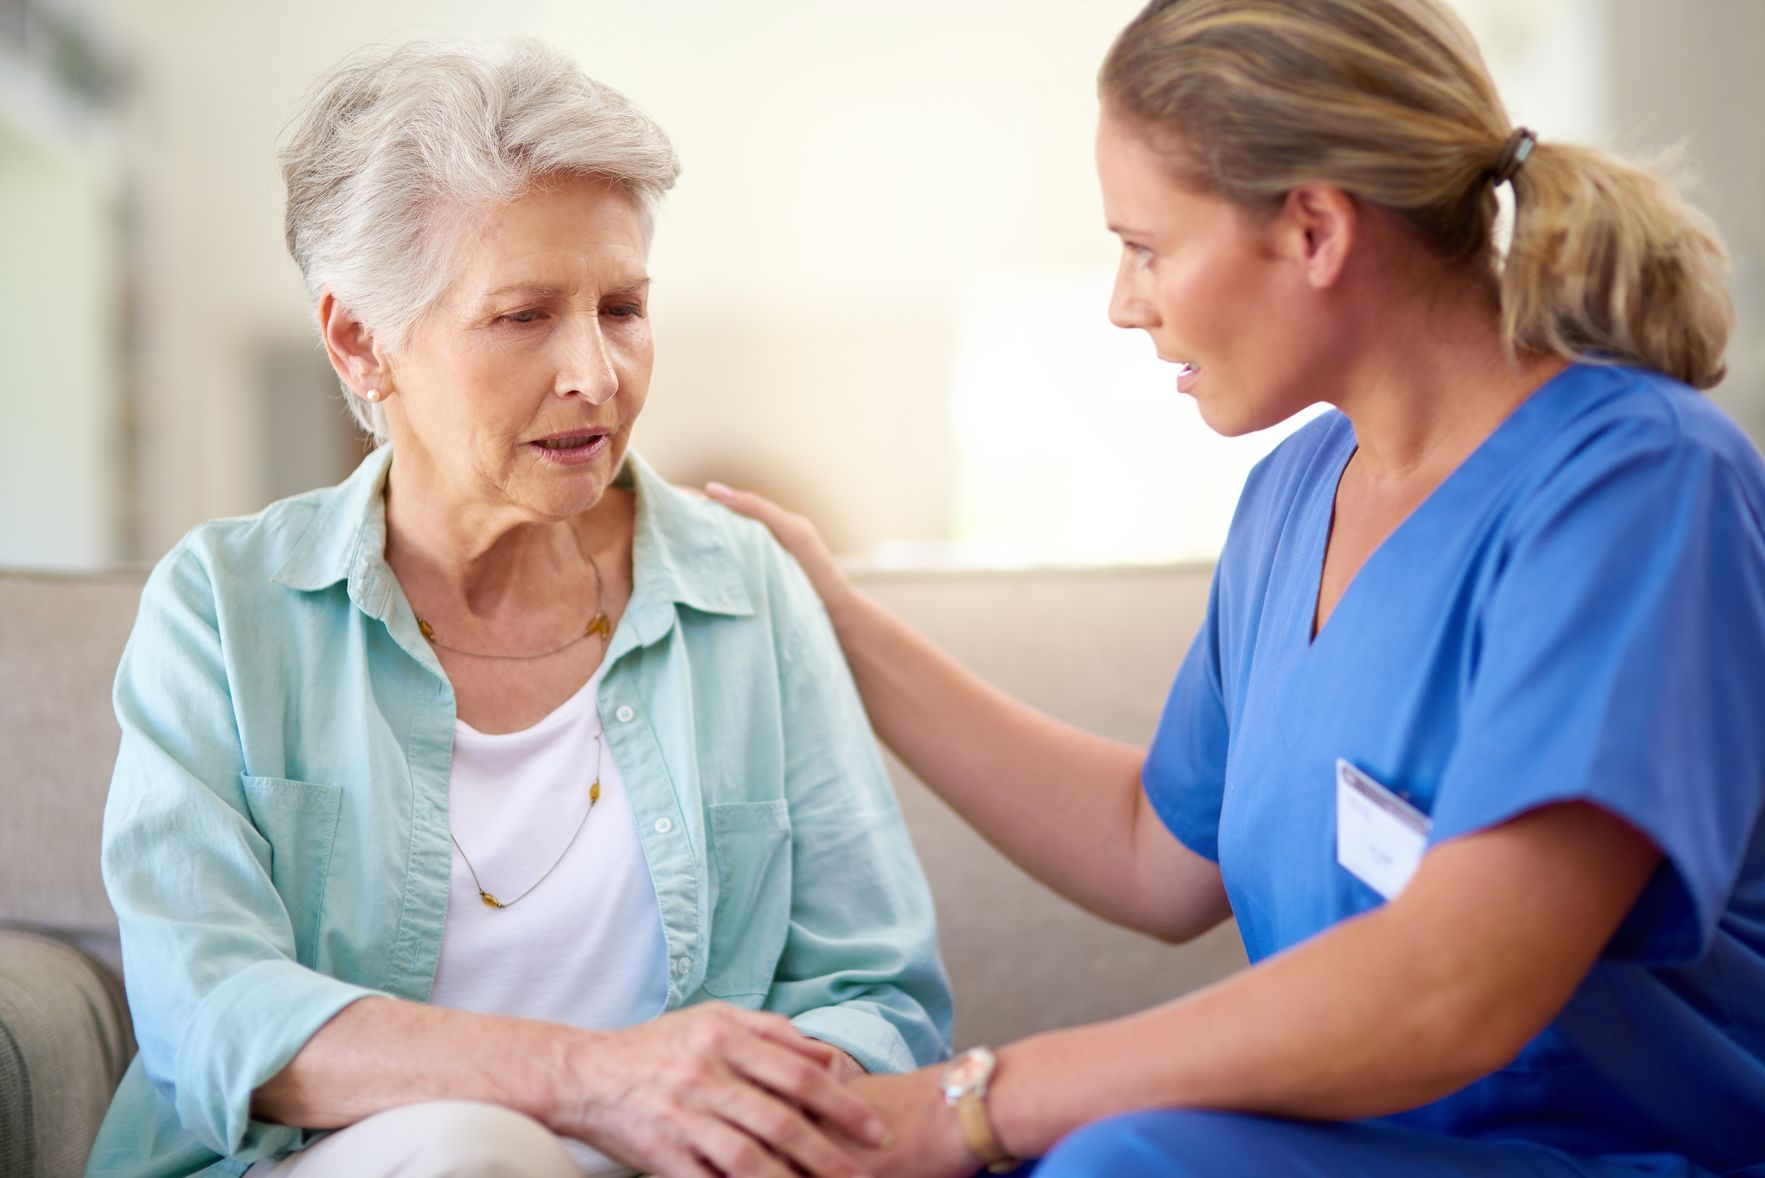 A female clinician speaks to an elderly woman.